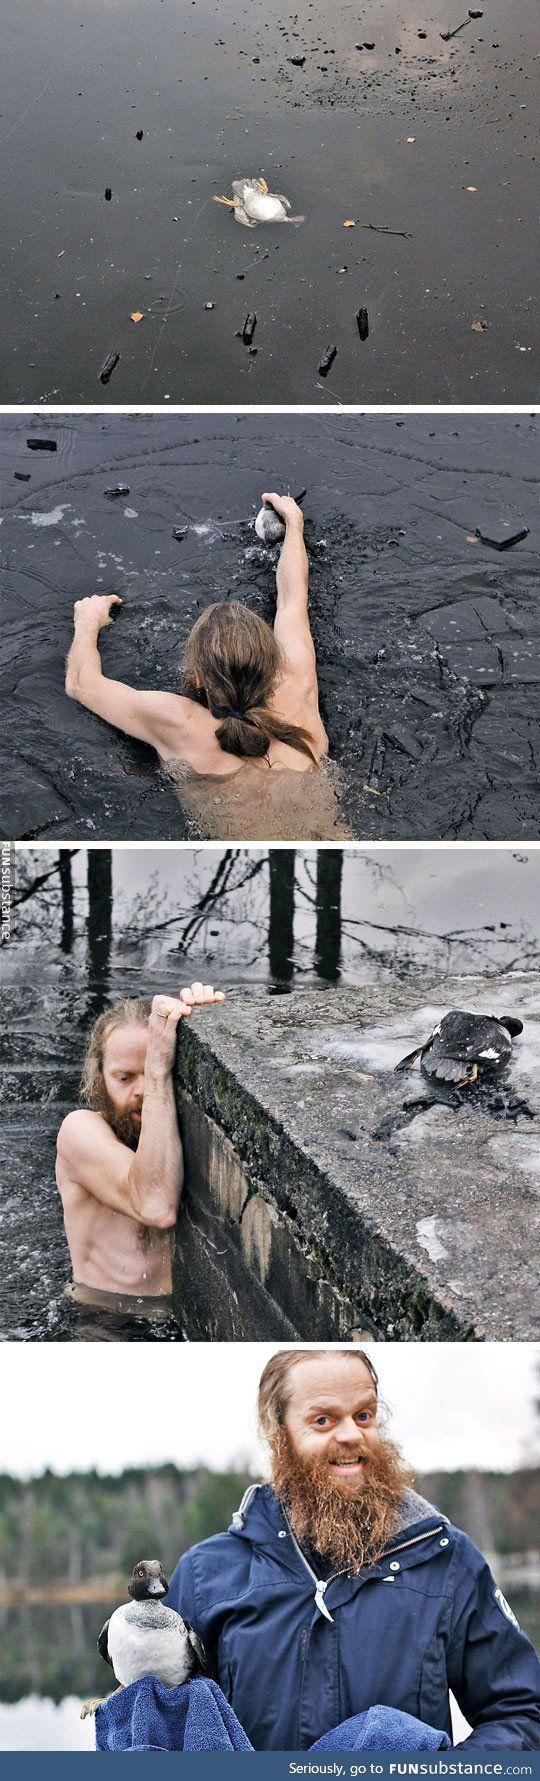 Norwegian man saves a duck - Kate Groner -  -  #menschlichkeitwiederhergestellt